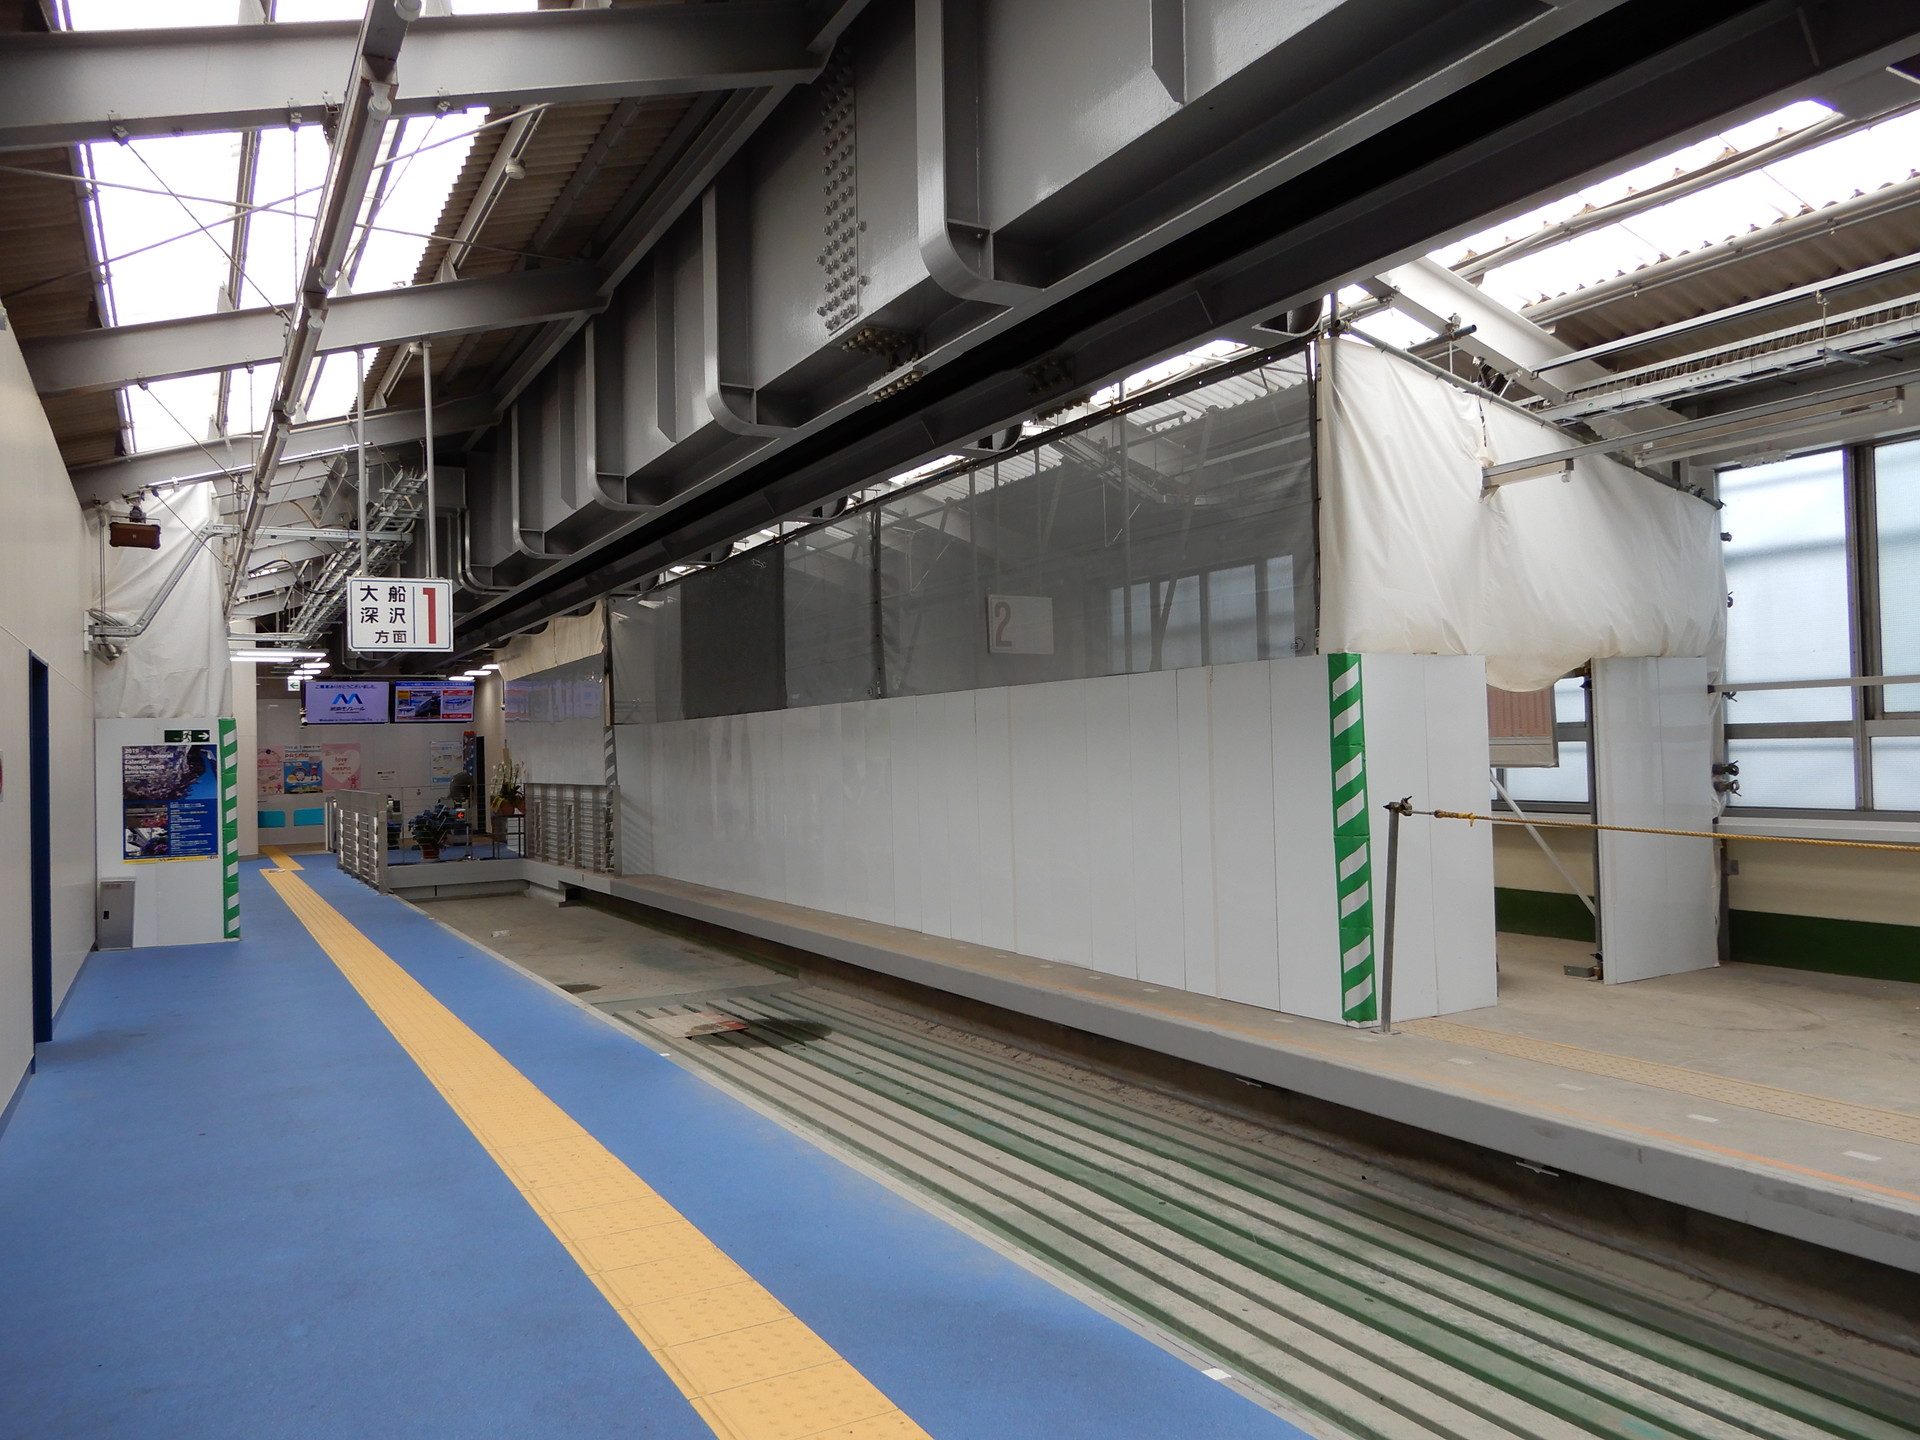 湘南江の島駅 工事中のホーム